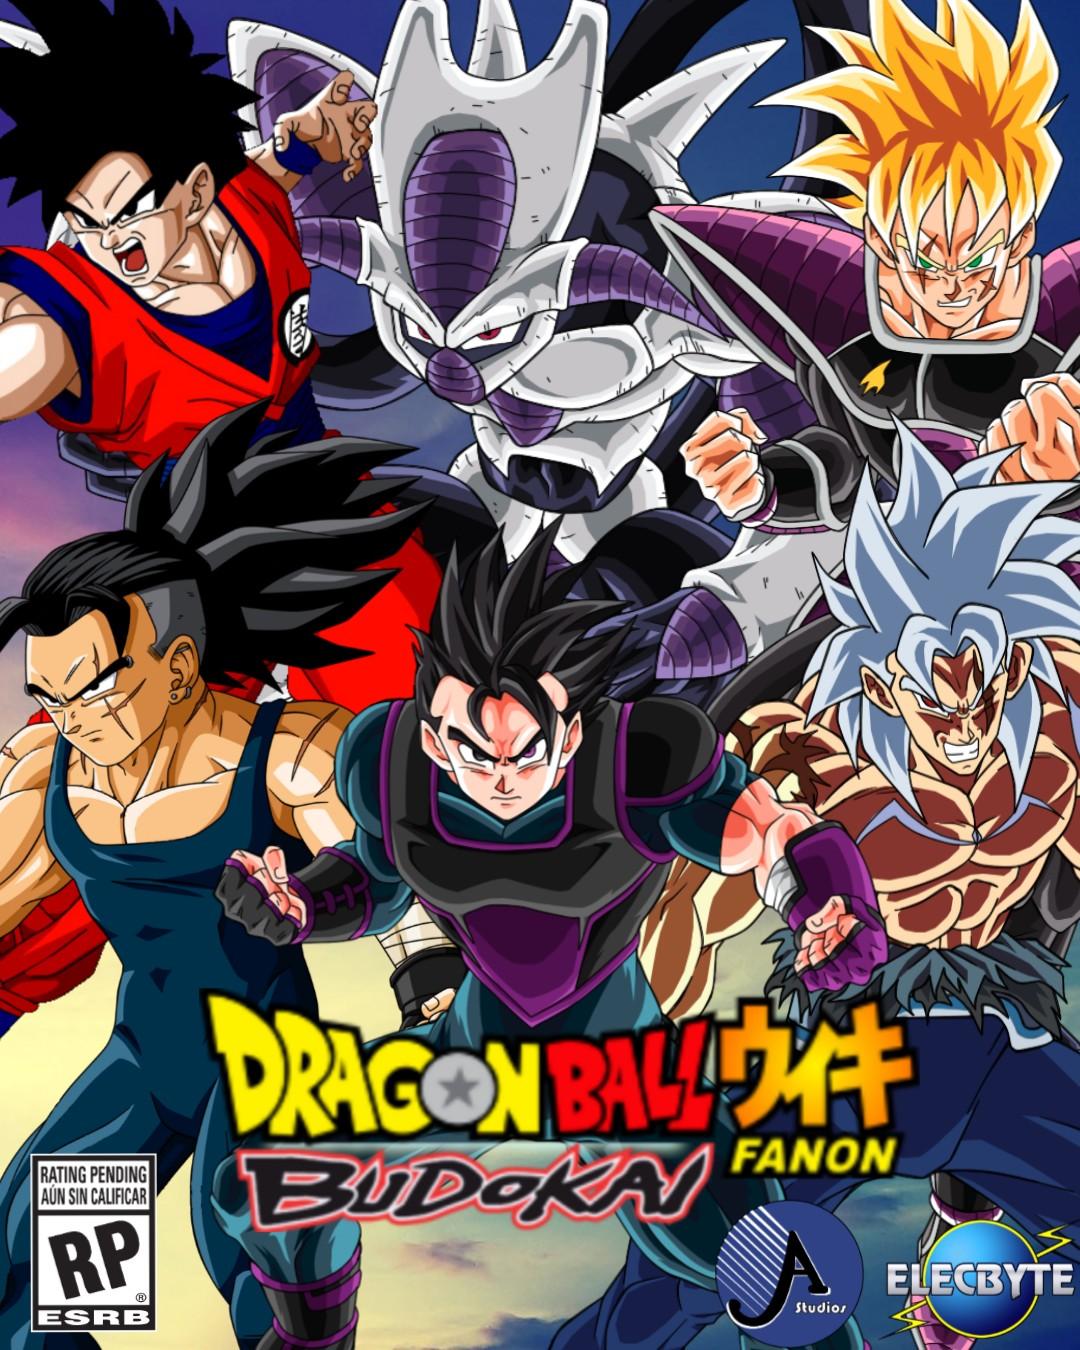 Dragon Ball Fanon: Budokai